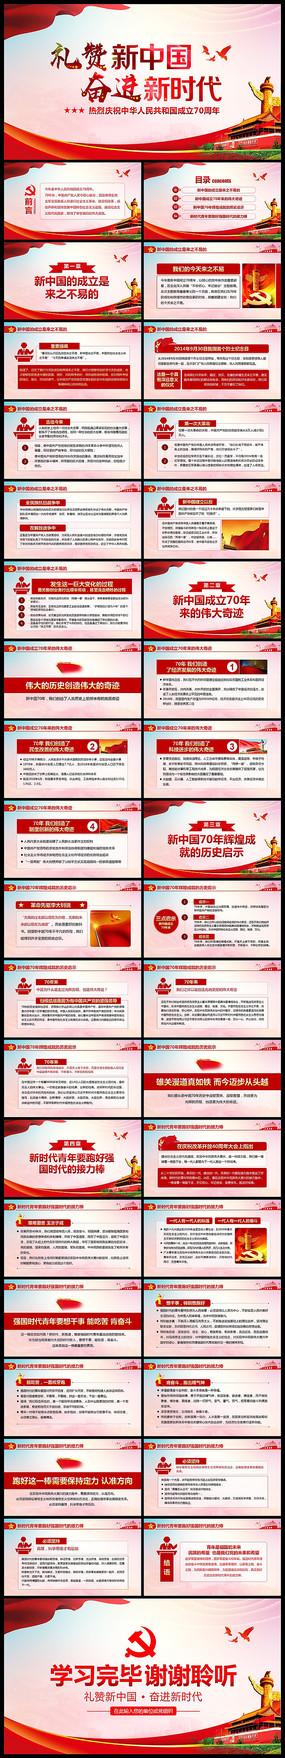 礼赞新中国奋进新时代建国70周年ppt